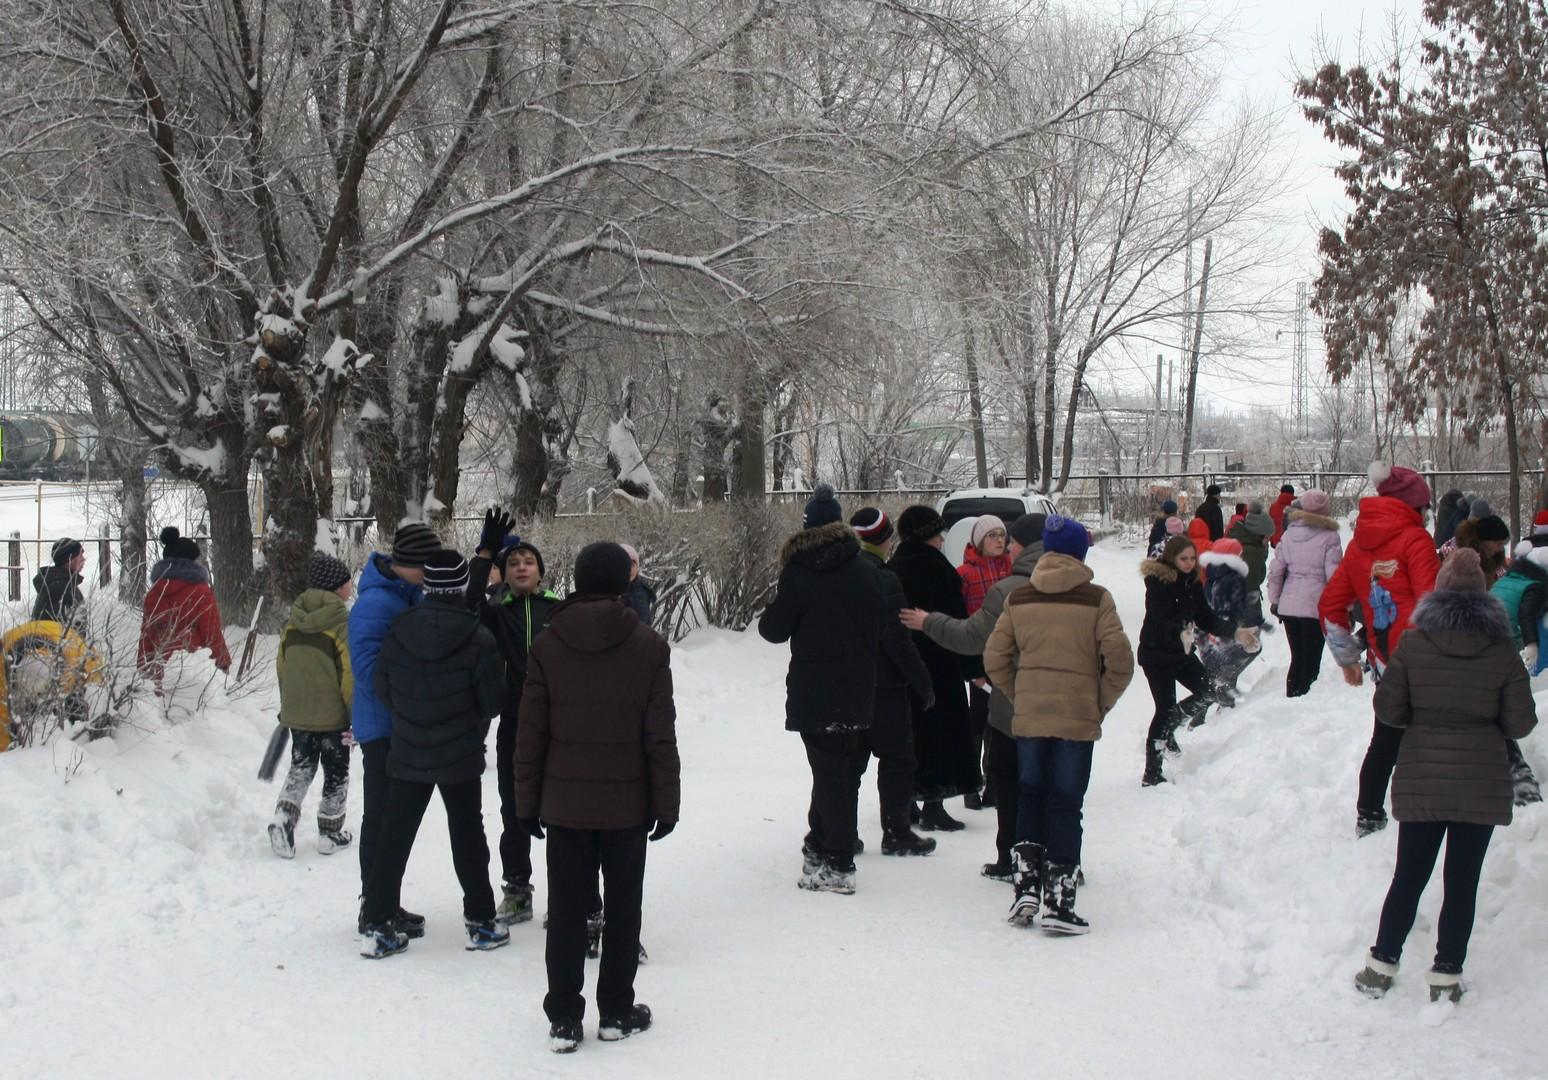 Итоги школьного этапа региональных соревнований зимней серии военно-спортивной игры «Зарница» среди обучающихся 5 – 9 классов. 8